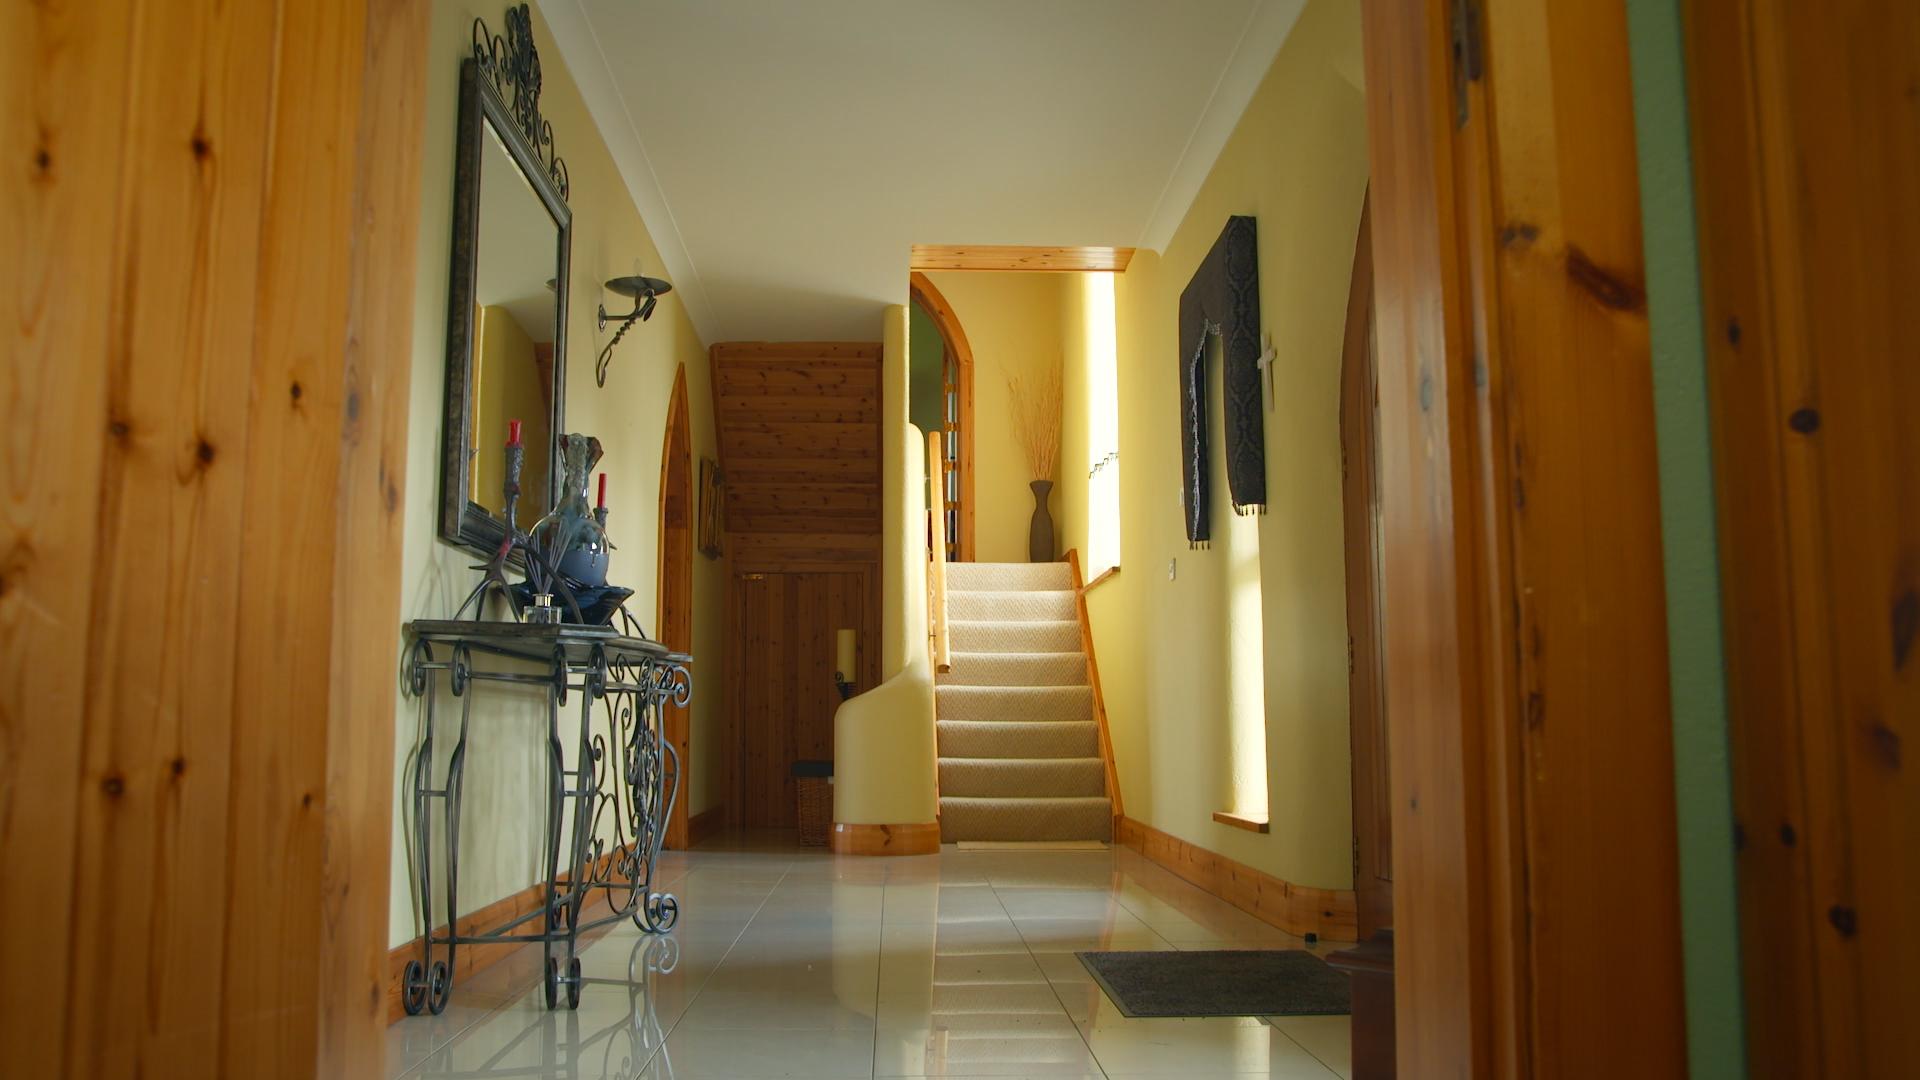 RTI Ep 1 Hallway1.jpg